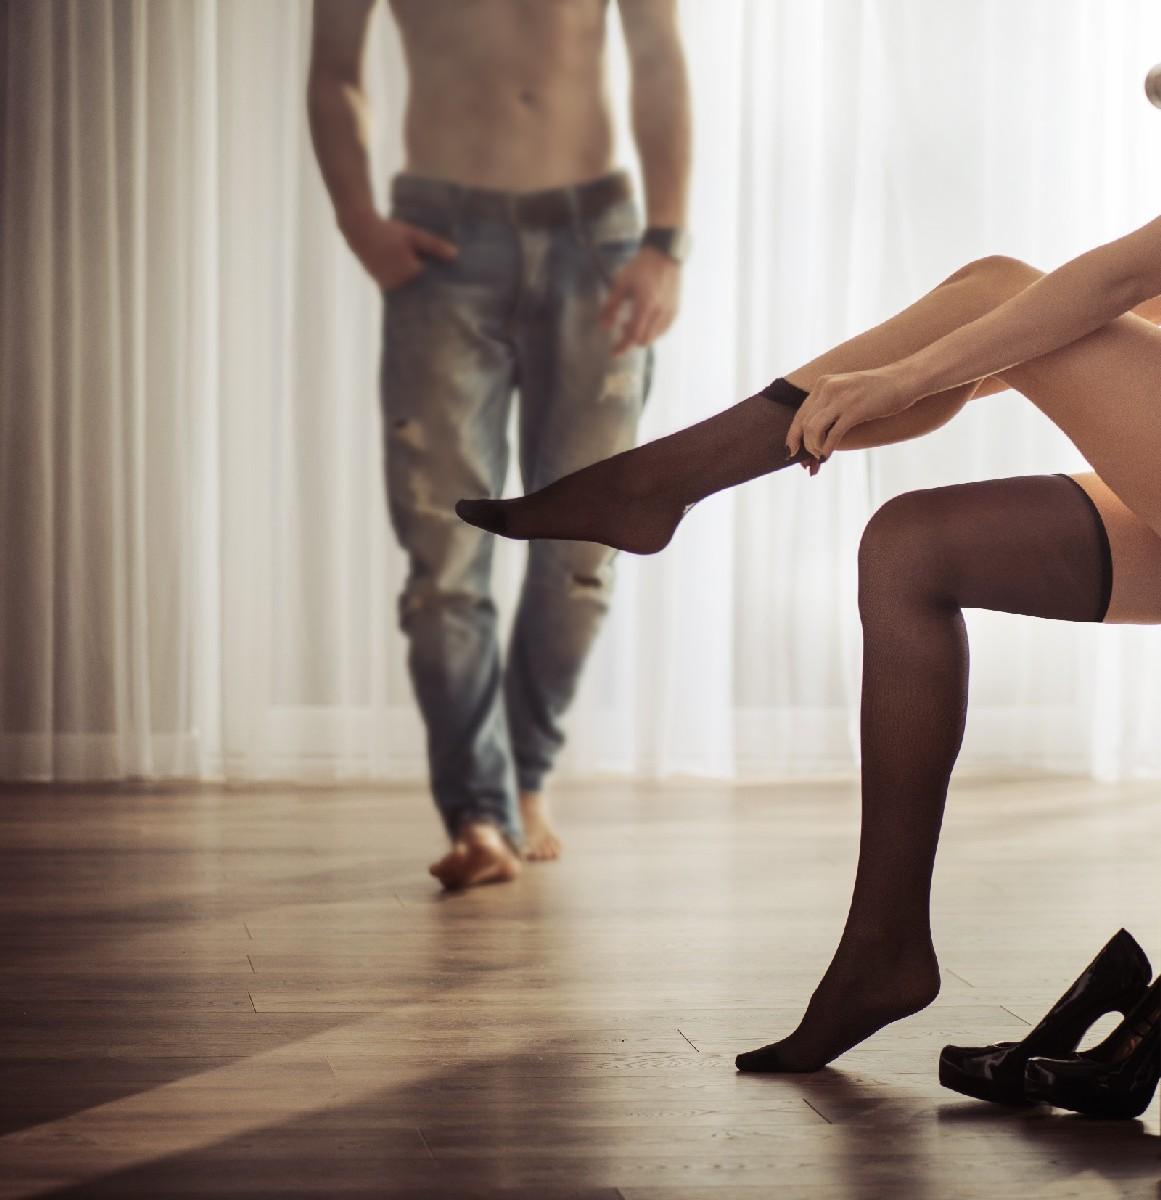 Frau betrügt mich, Frau hat mich betrogen, Frau Affäre, monogamie, Polygamie erlaubt, mehrere Männer lieben, Sex Moral